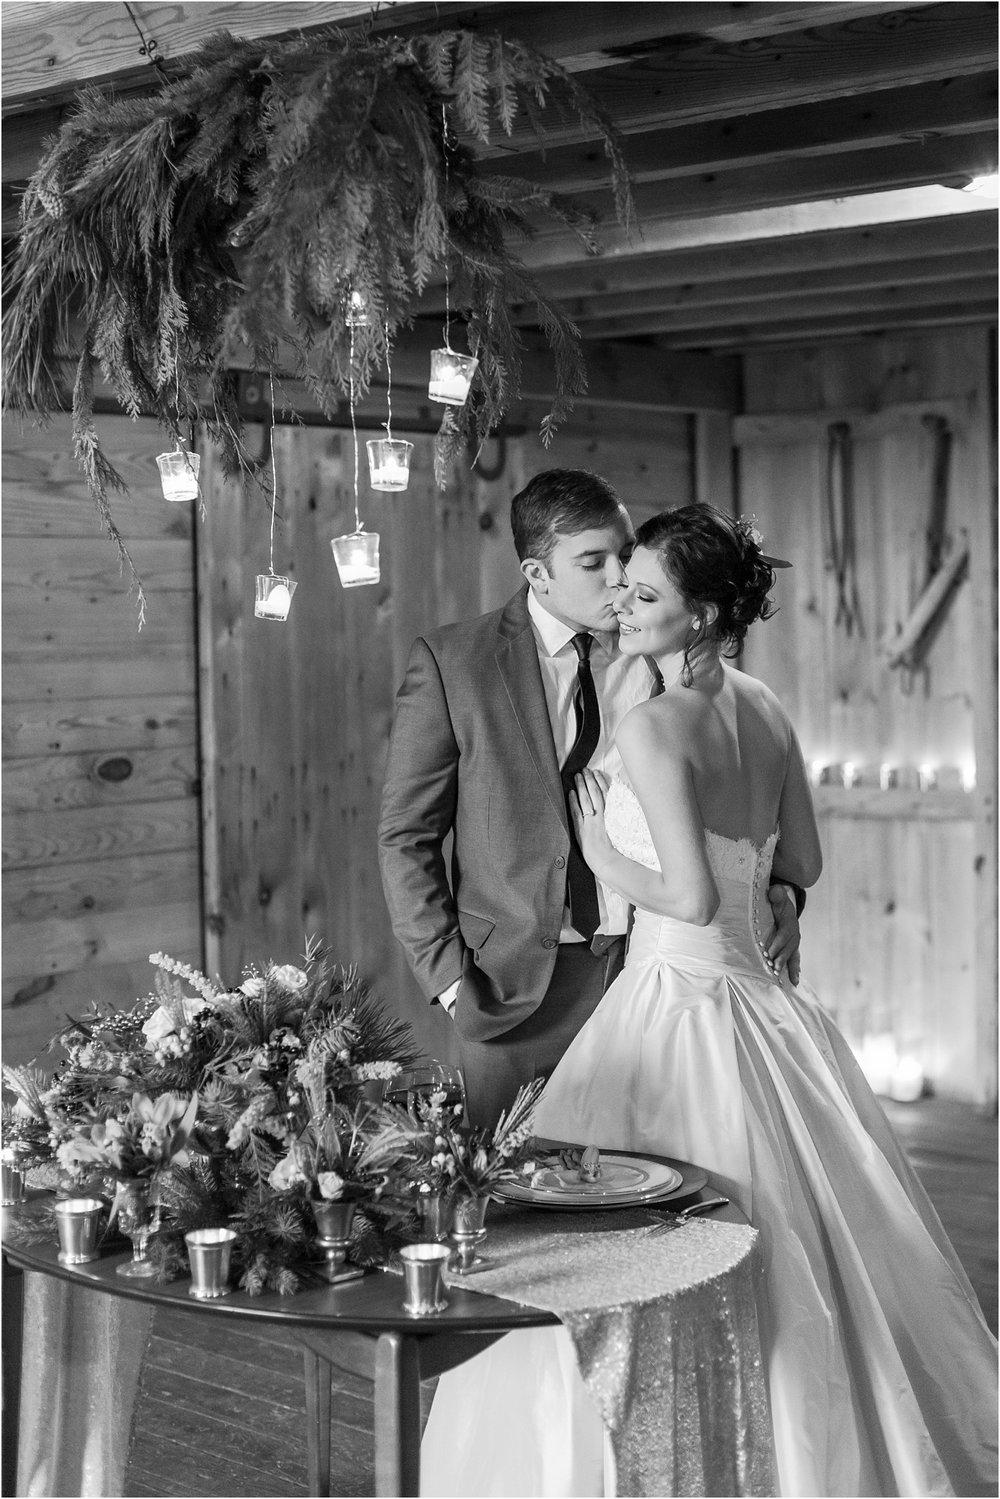 elegant-classic-timeless-candid-winter-wedding-photos-in-ann-arbor-mi-by-courtney-carolyn-photography_0041.jpg